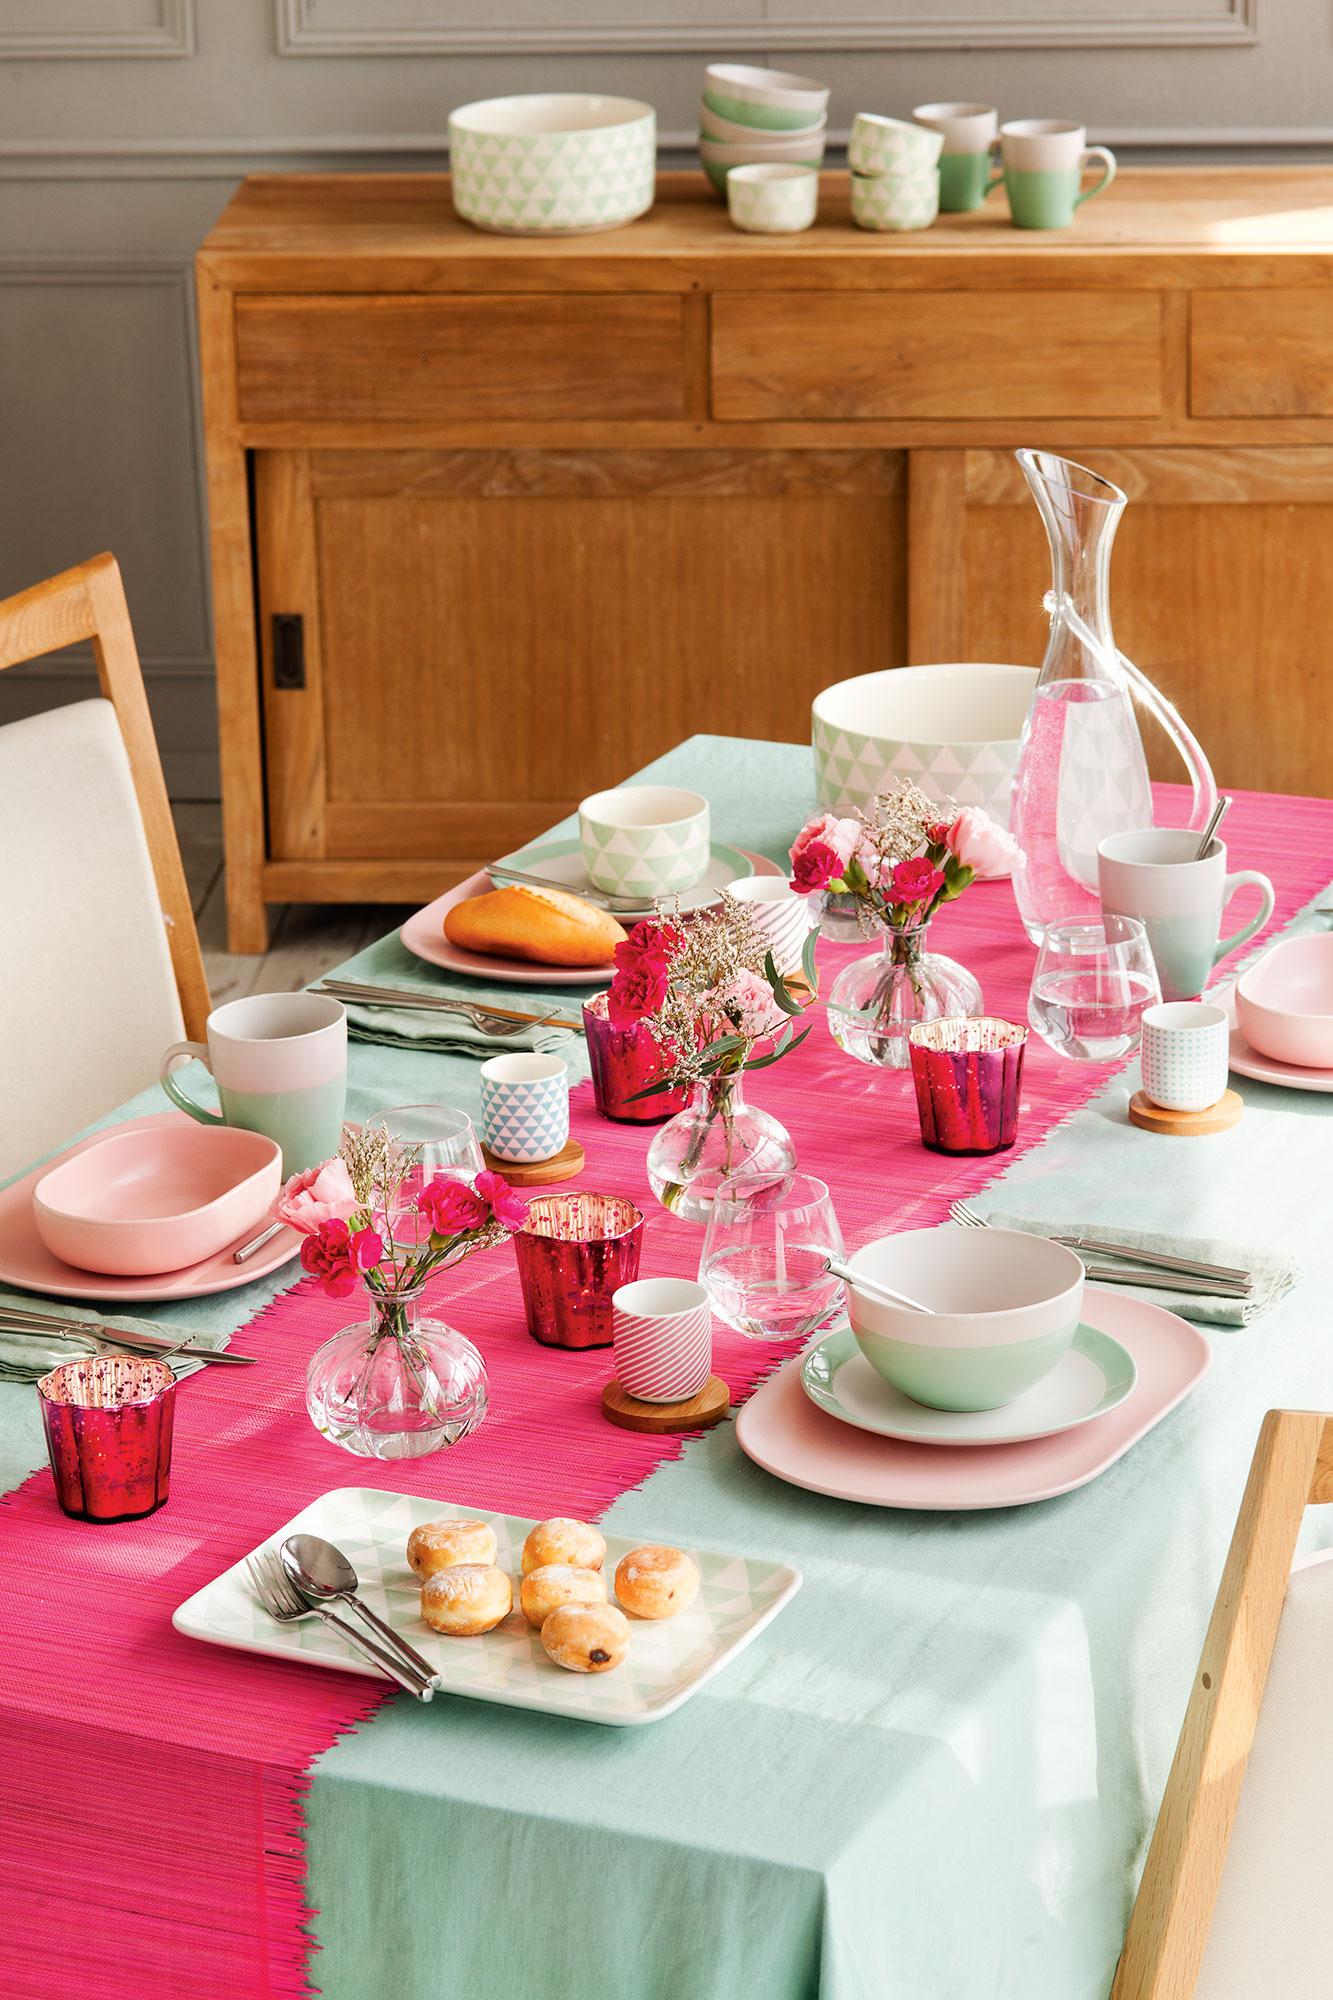 Decorar la mesa de primavera - Decorar una mesa de comedor ...